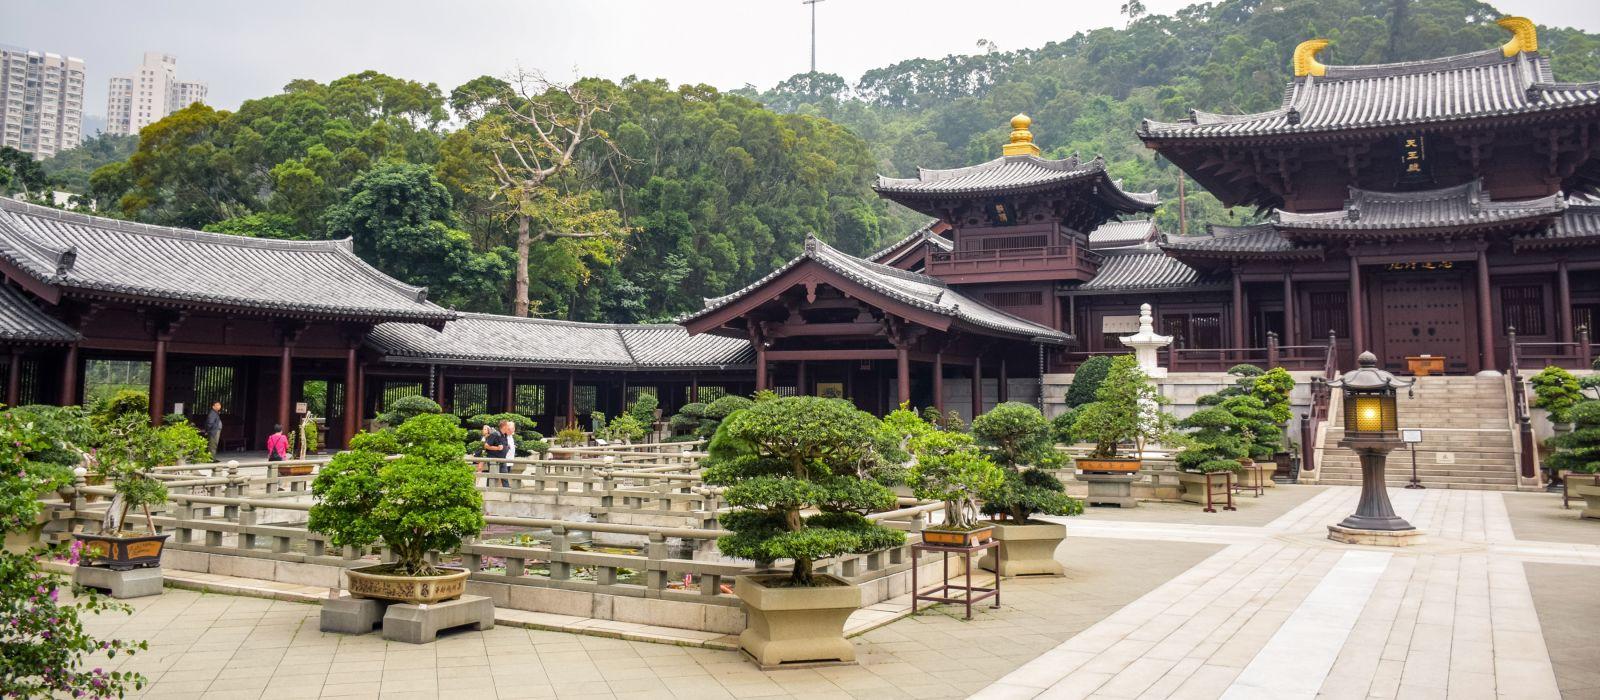 Chi Lin Nunnery, eine große buddhistische Tempelanlage in Diamond Hill, Kowloon, Hongkong, Asien.